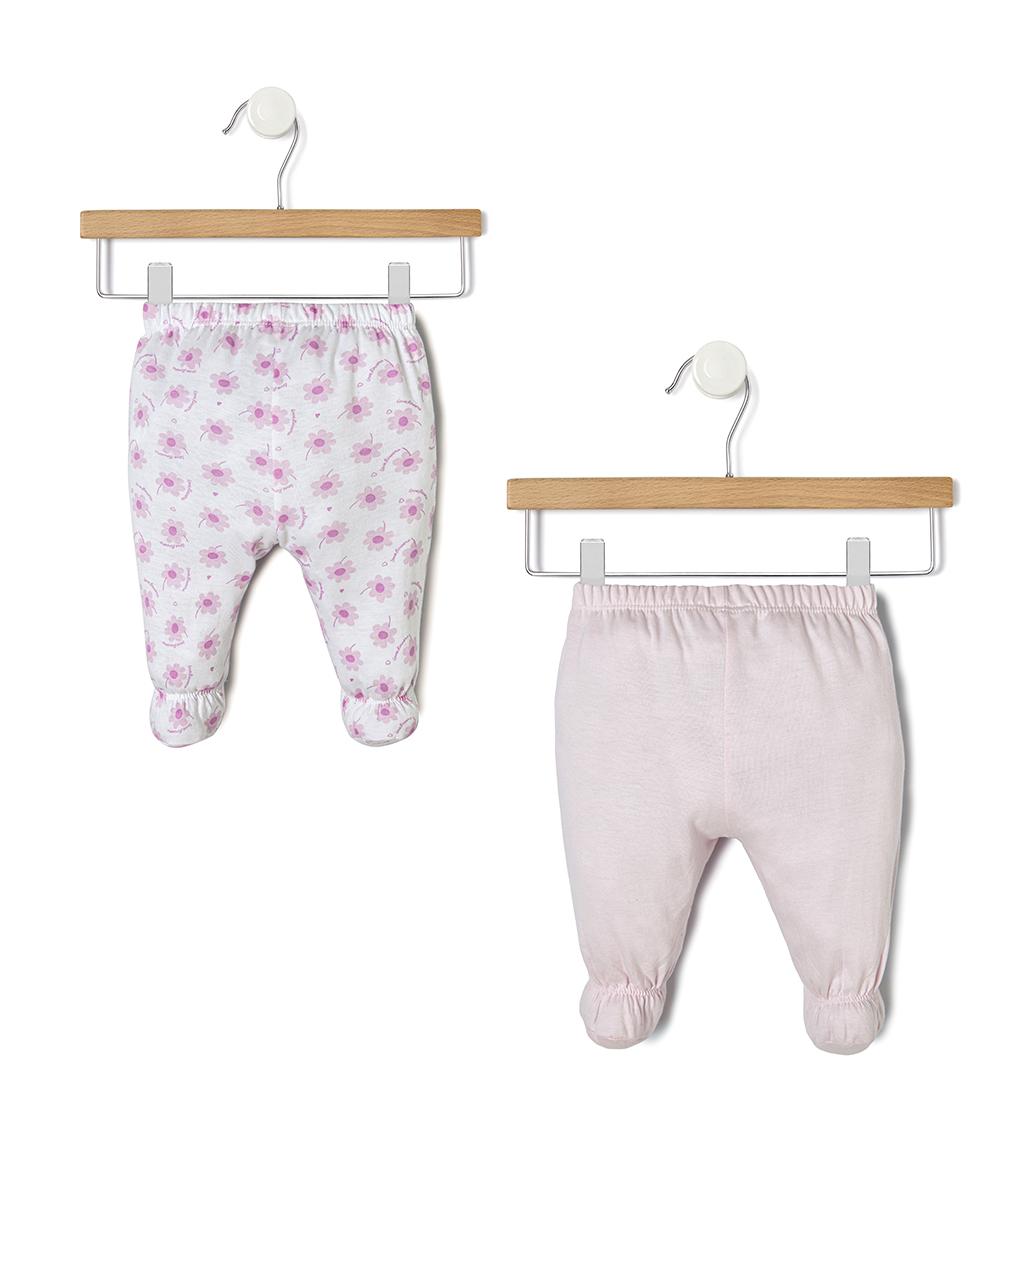 Pacote de 2 trajes rosa e branco com camisa e polainas - Prénatal